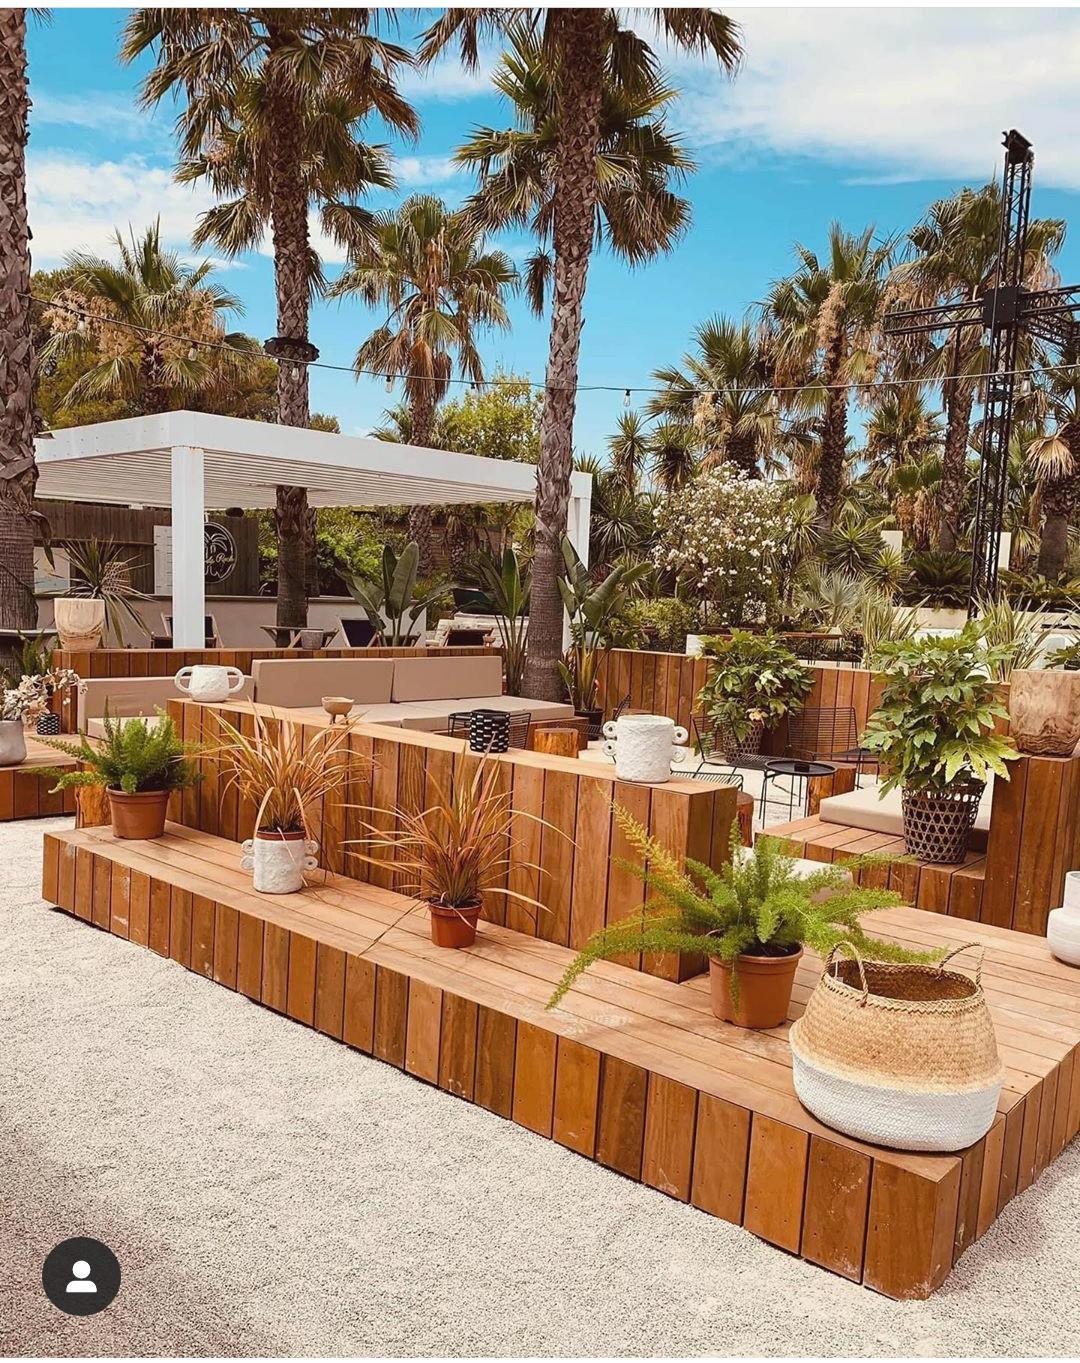 Chaque jeudi, à partir de ce soir et jusqu'au 20 août, Riviera Villages organise des soirées originales.